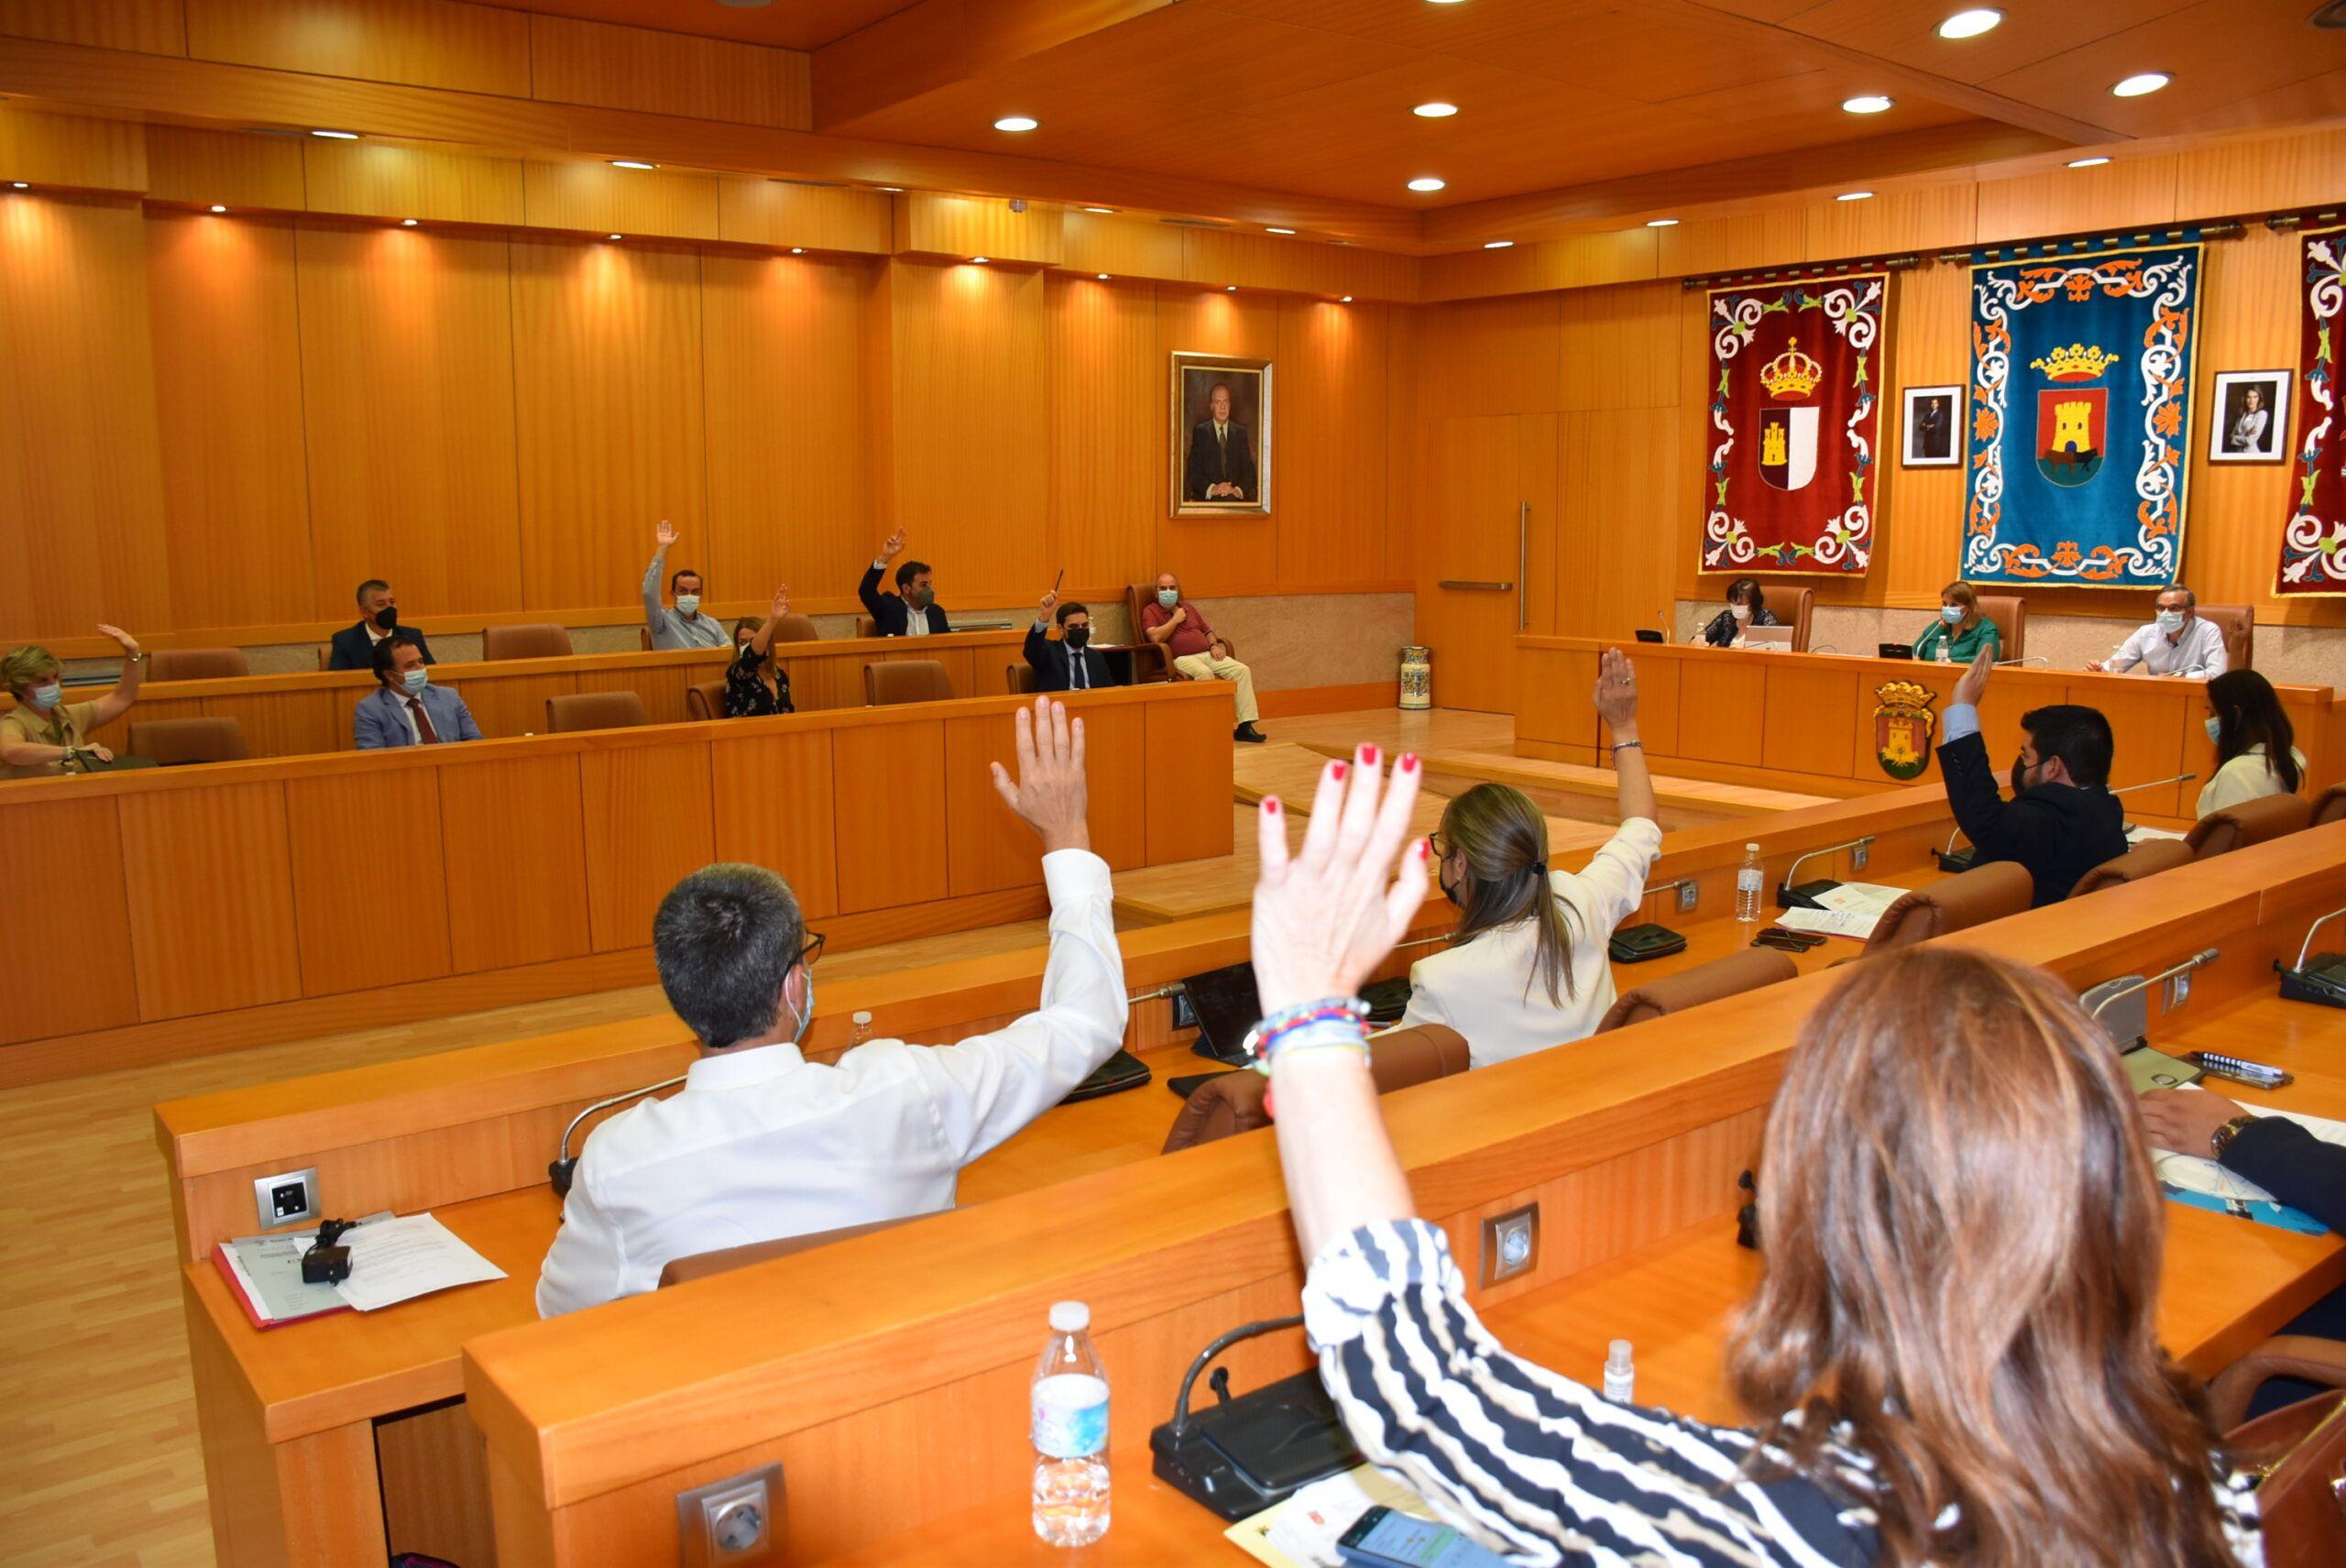 """La portavoz municipal denuncia el """"veto"""" de Vox y el silencio del PP para conseguir la unanimidad del Pleno para dar voz al colectivo LGTBI"""